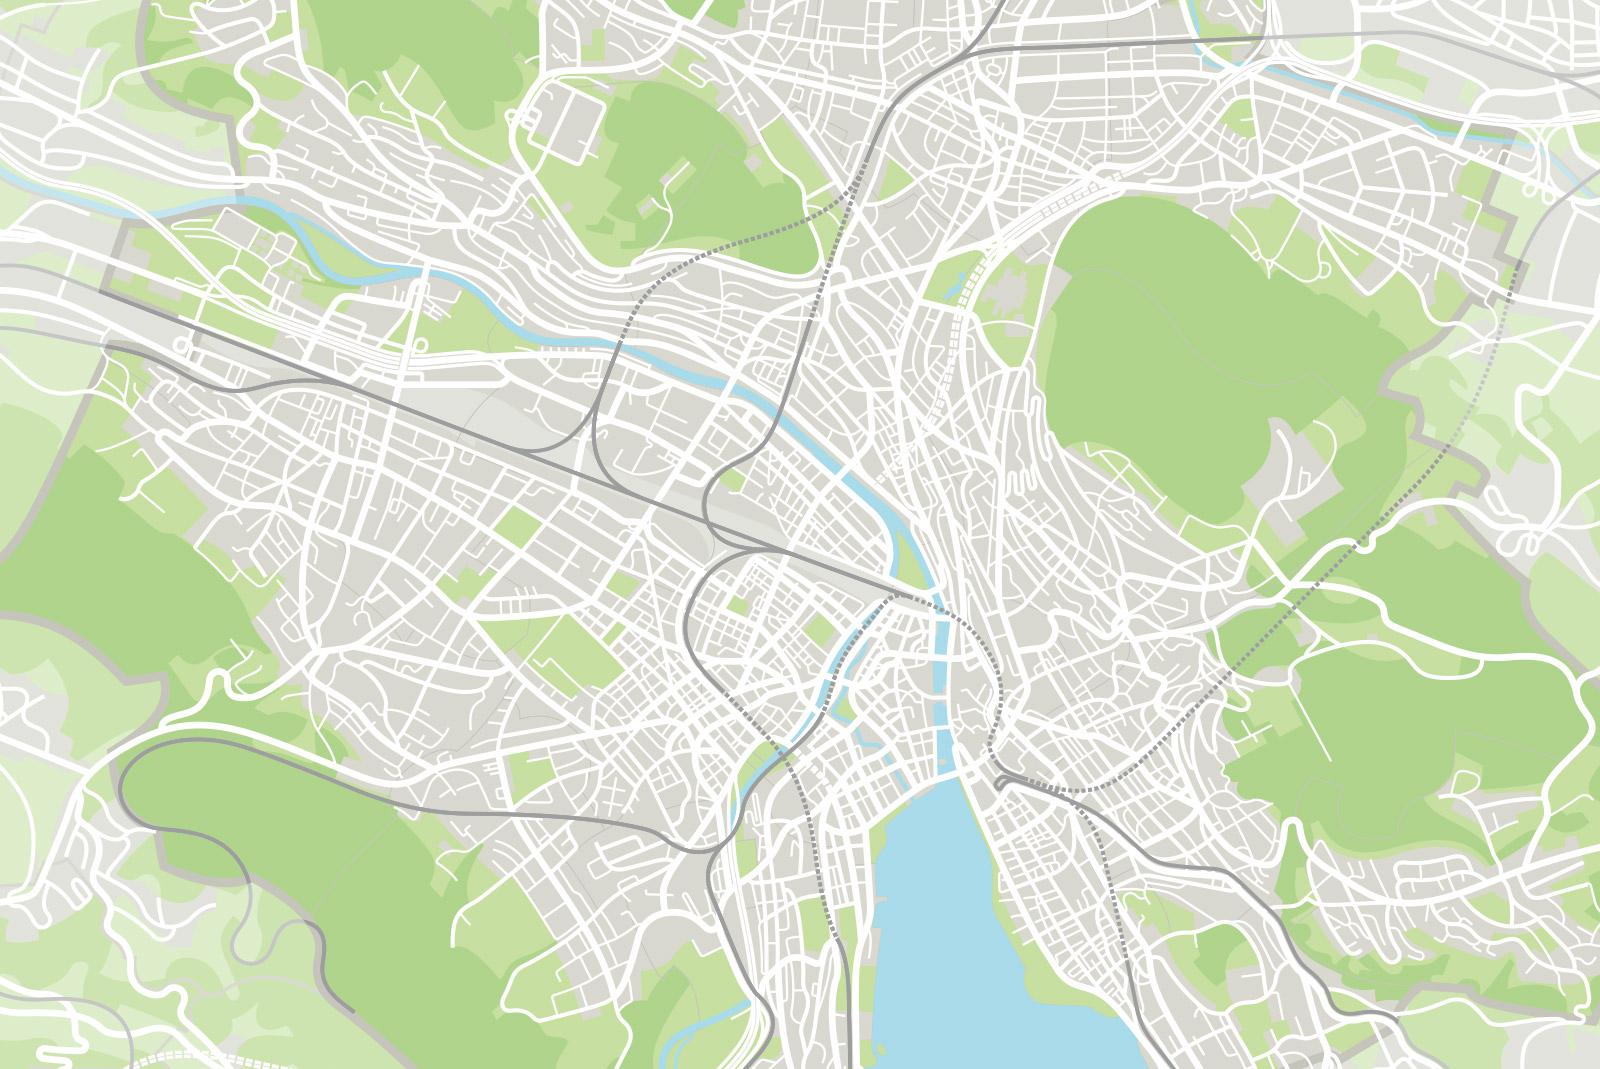 Plan mit zusätzlichen Kleinstrassen